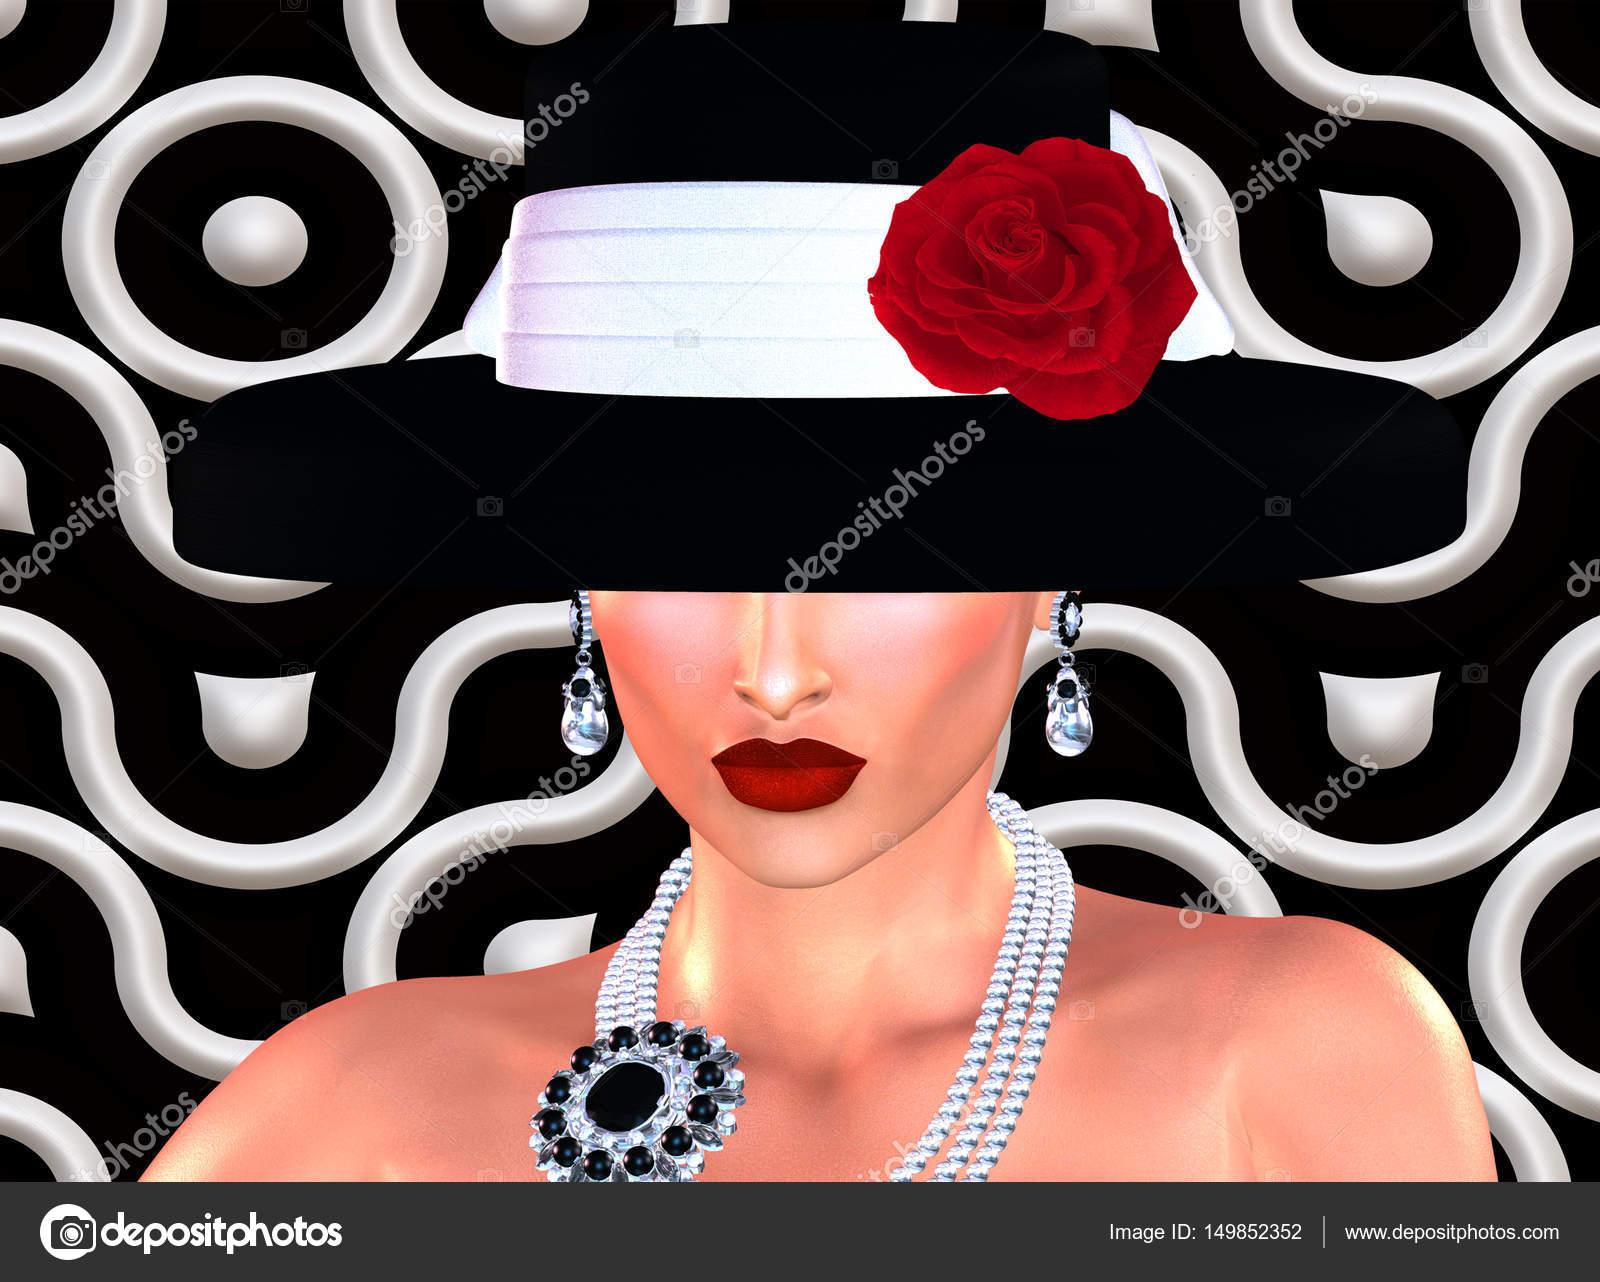 brand new 0ce08 4a601 Escena de la moda, atractiva mujer con sombrero estilo vintage blanco y  negro con una rosa roja en nuestra 3d render estilo arte digital.